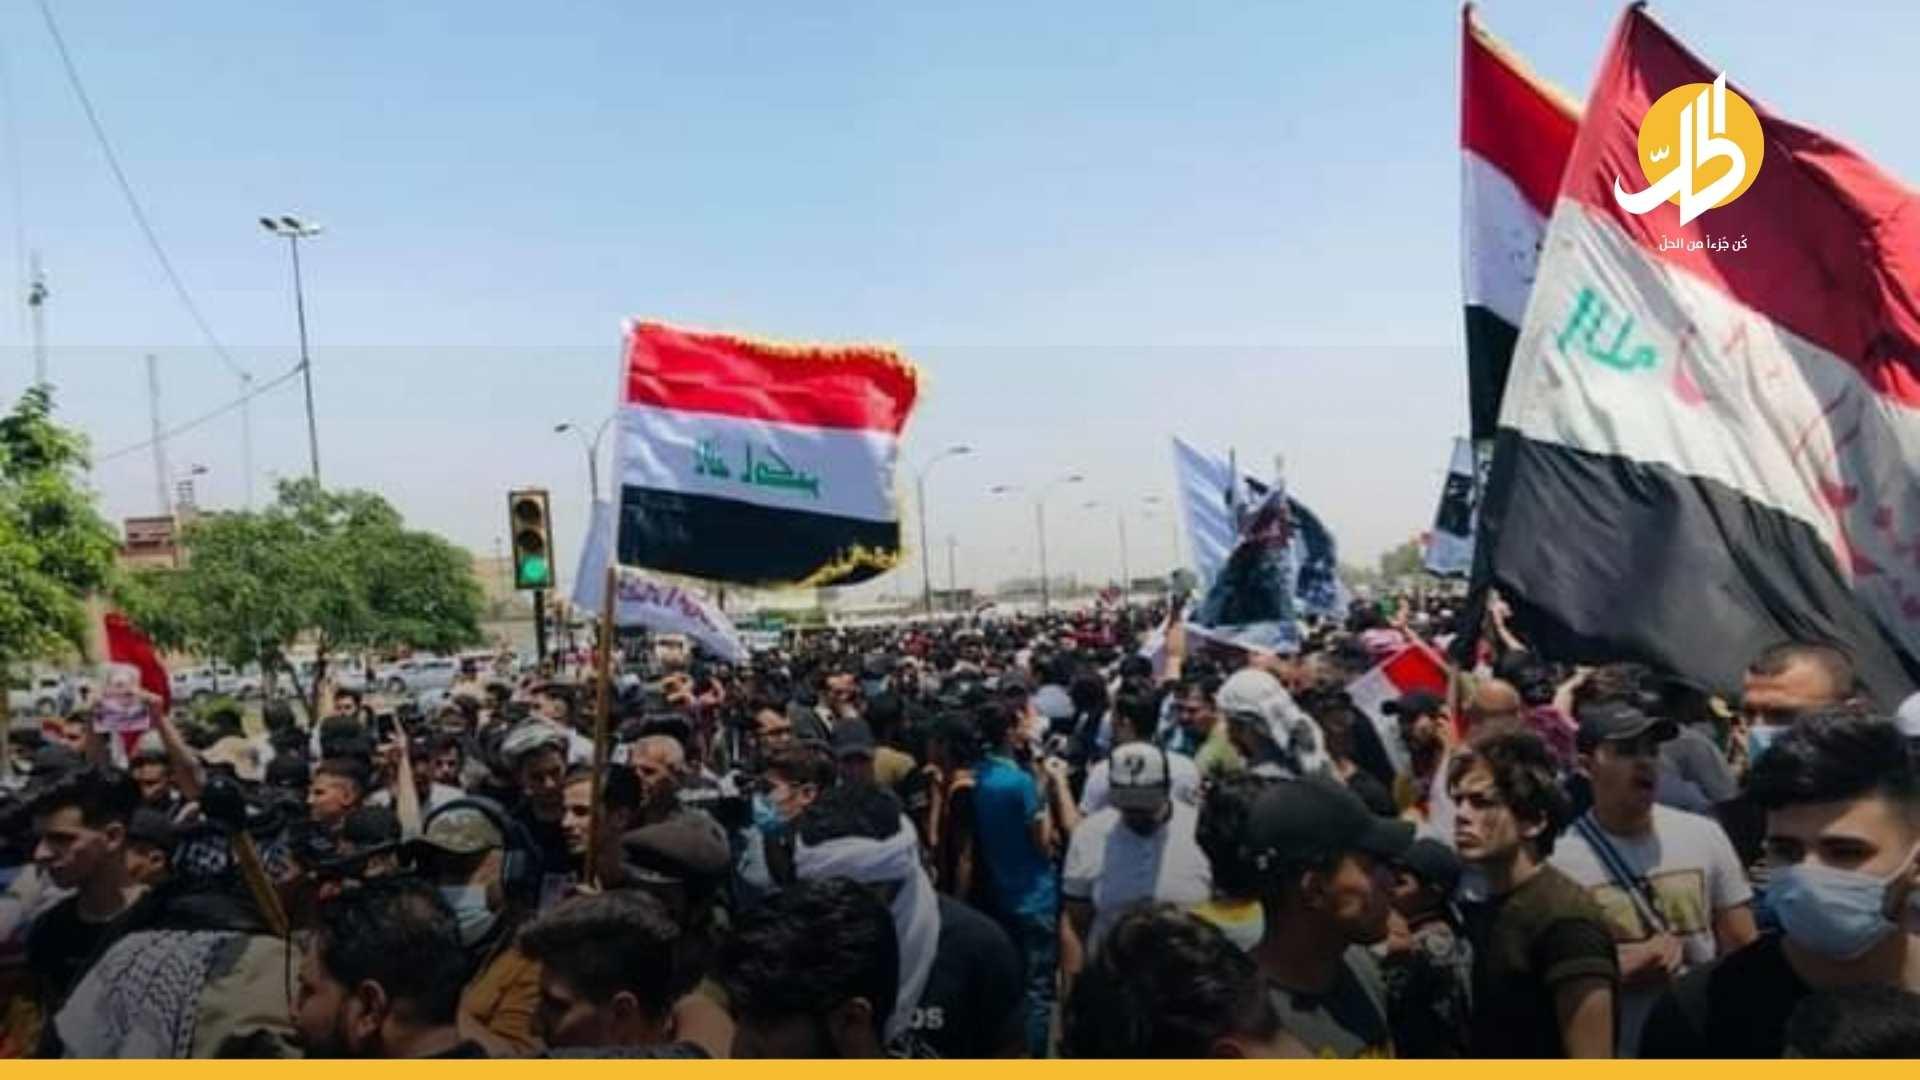 مقتل متظاهر وإصابة عشرات المحتجّين بساحة التحرير في بغداد